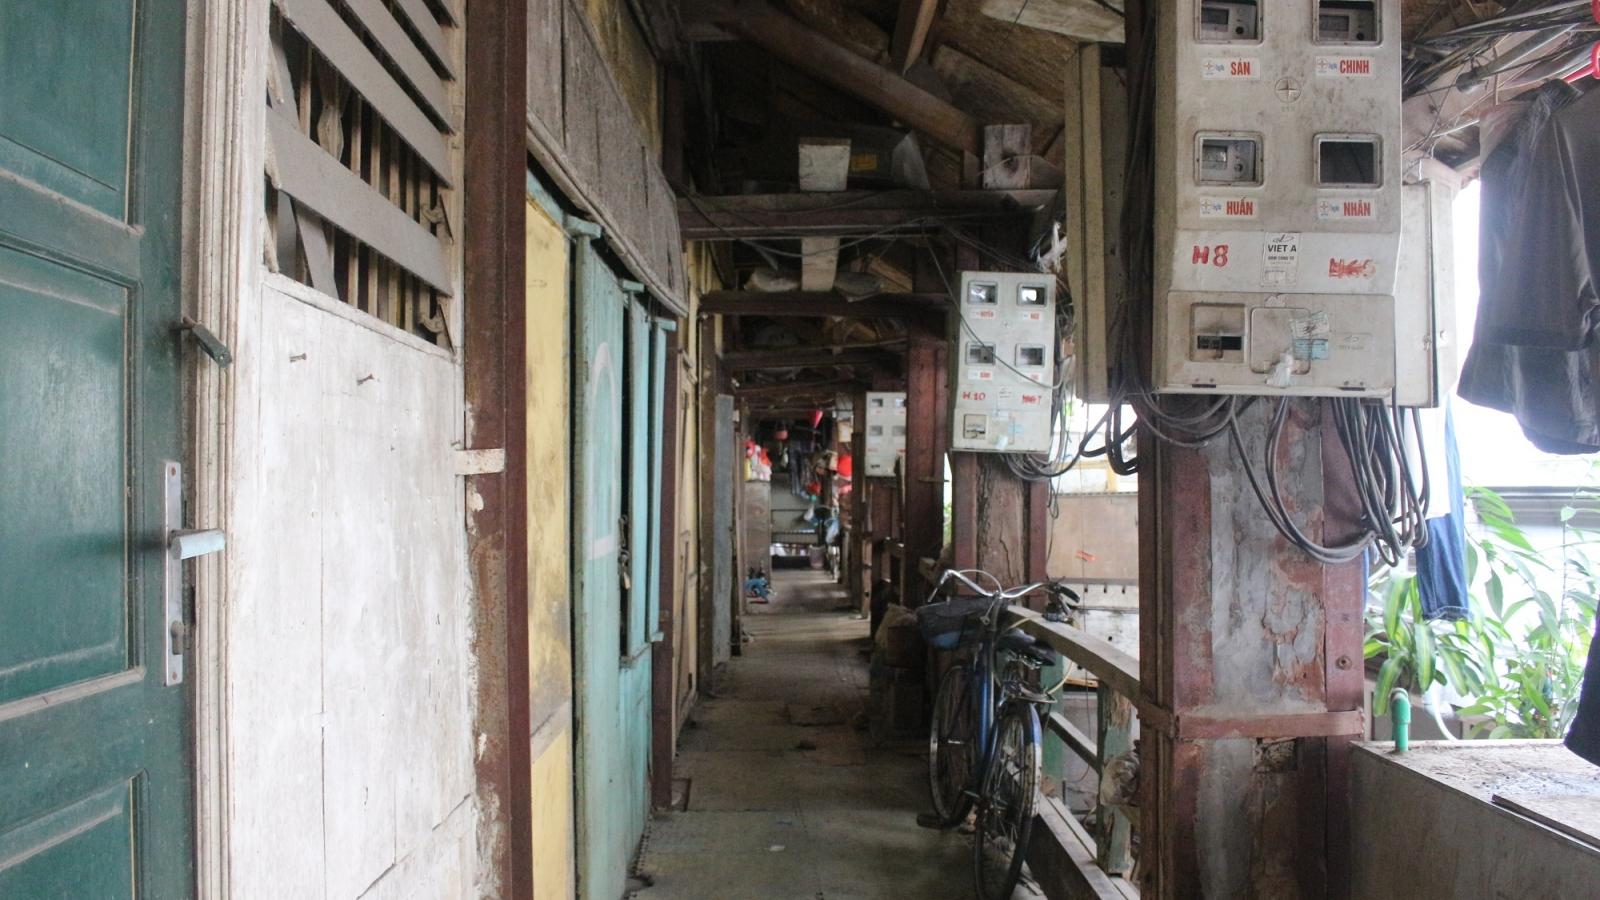 Cận cảnh khu nhà tập thể bằng gỗ xập xệ, xuống cấp ngay trung tâm Hà Nội